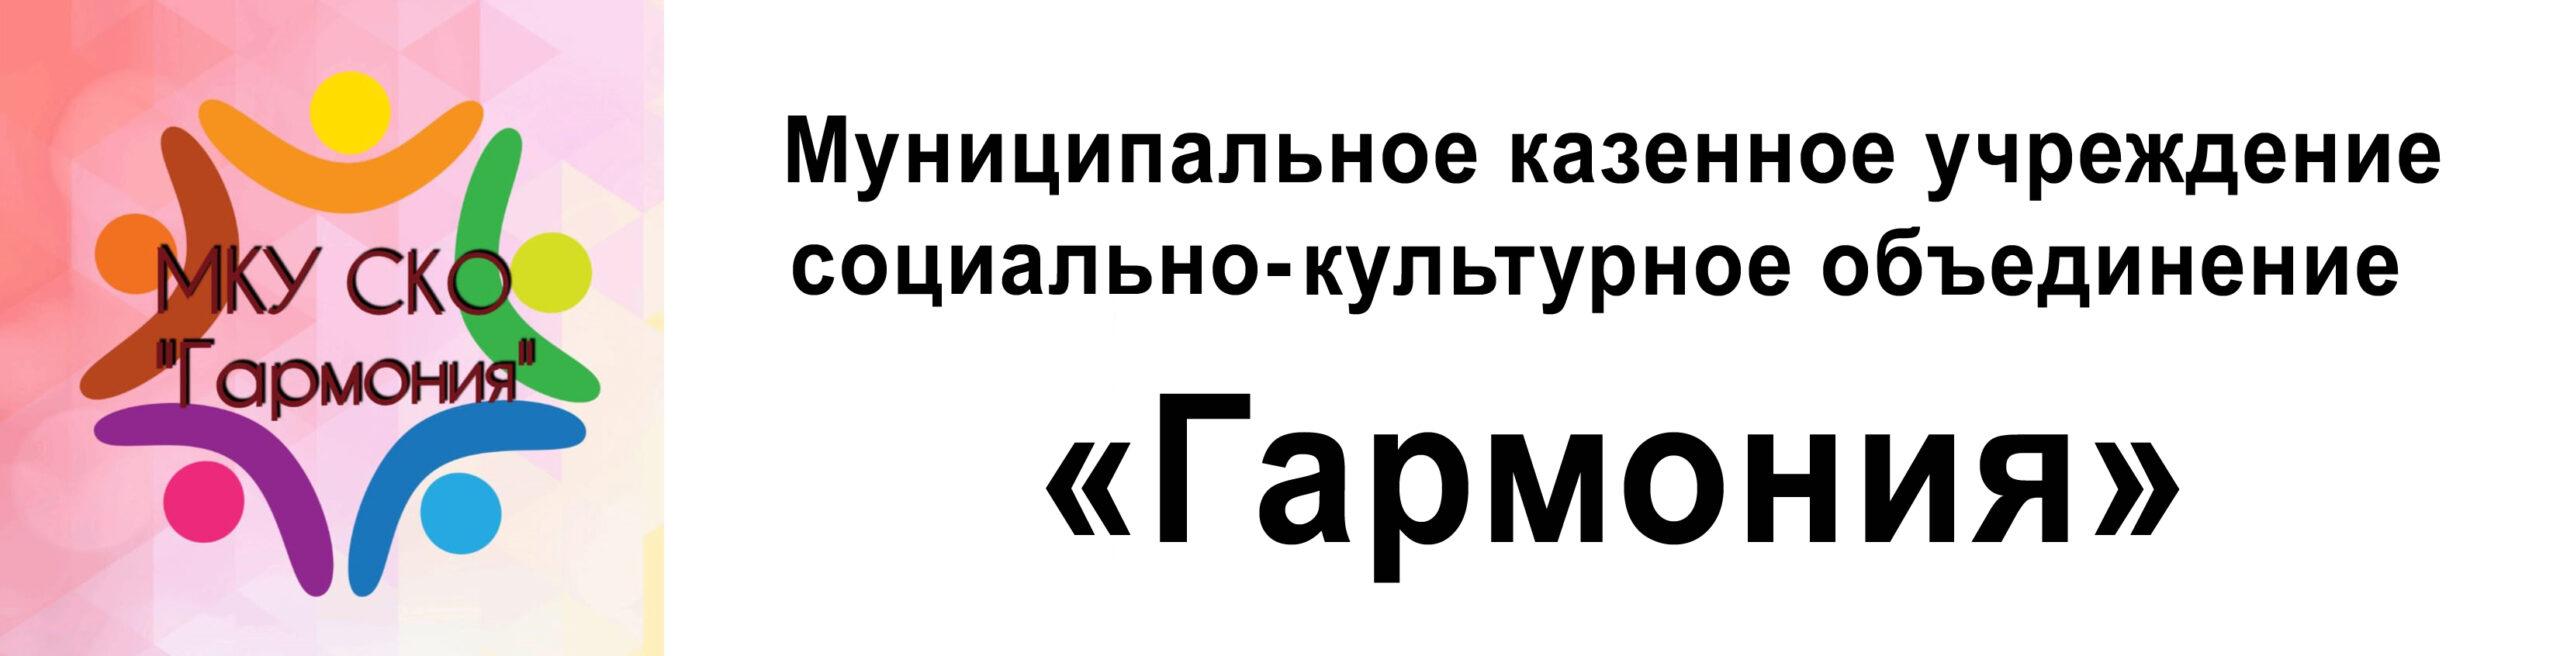 МКУ СКО «Гармония»